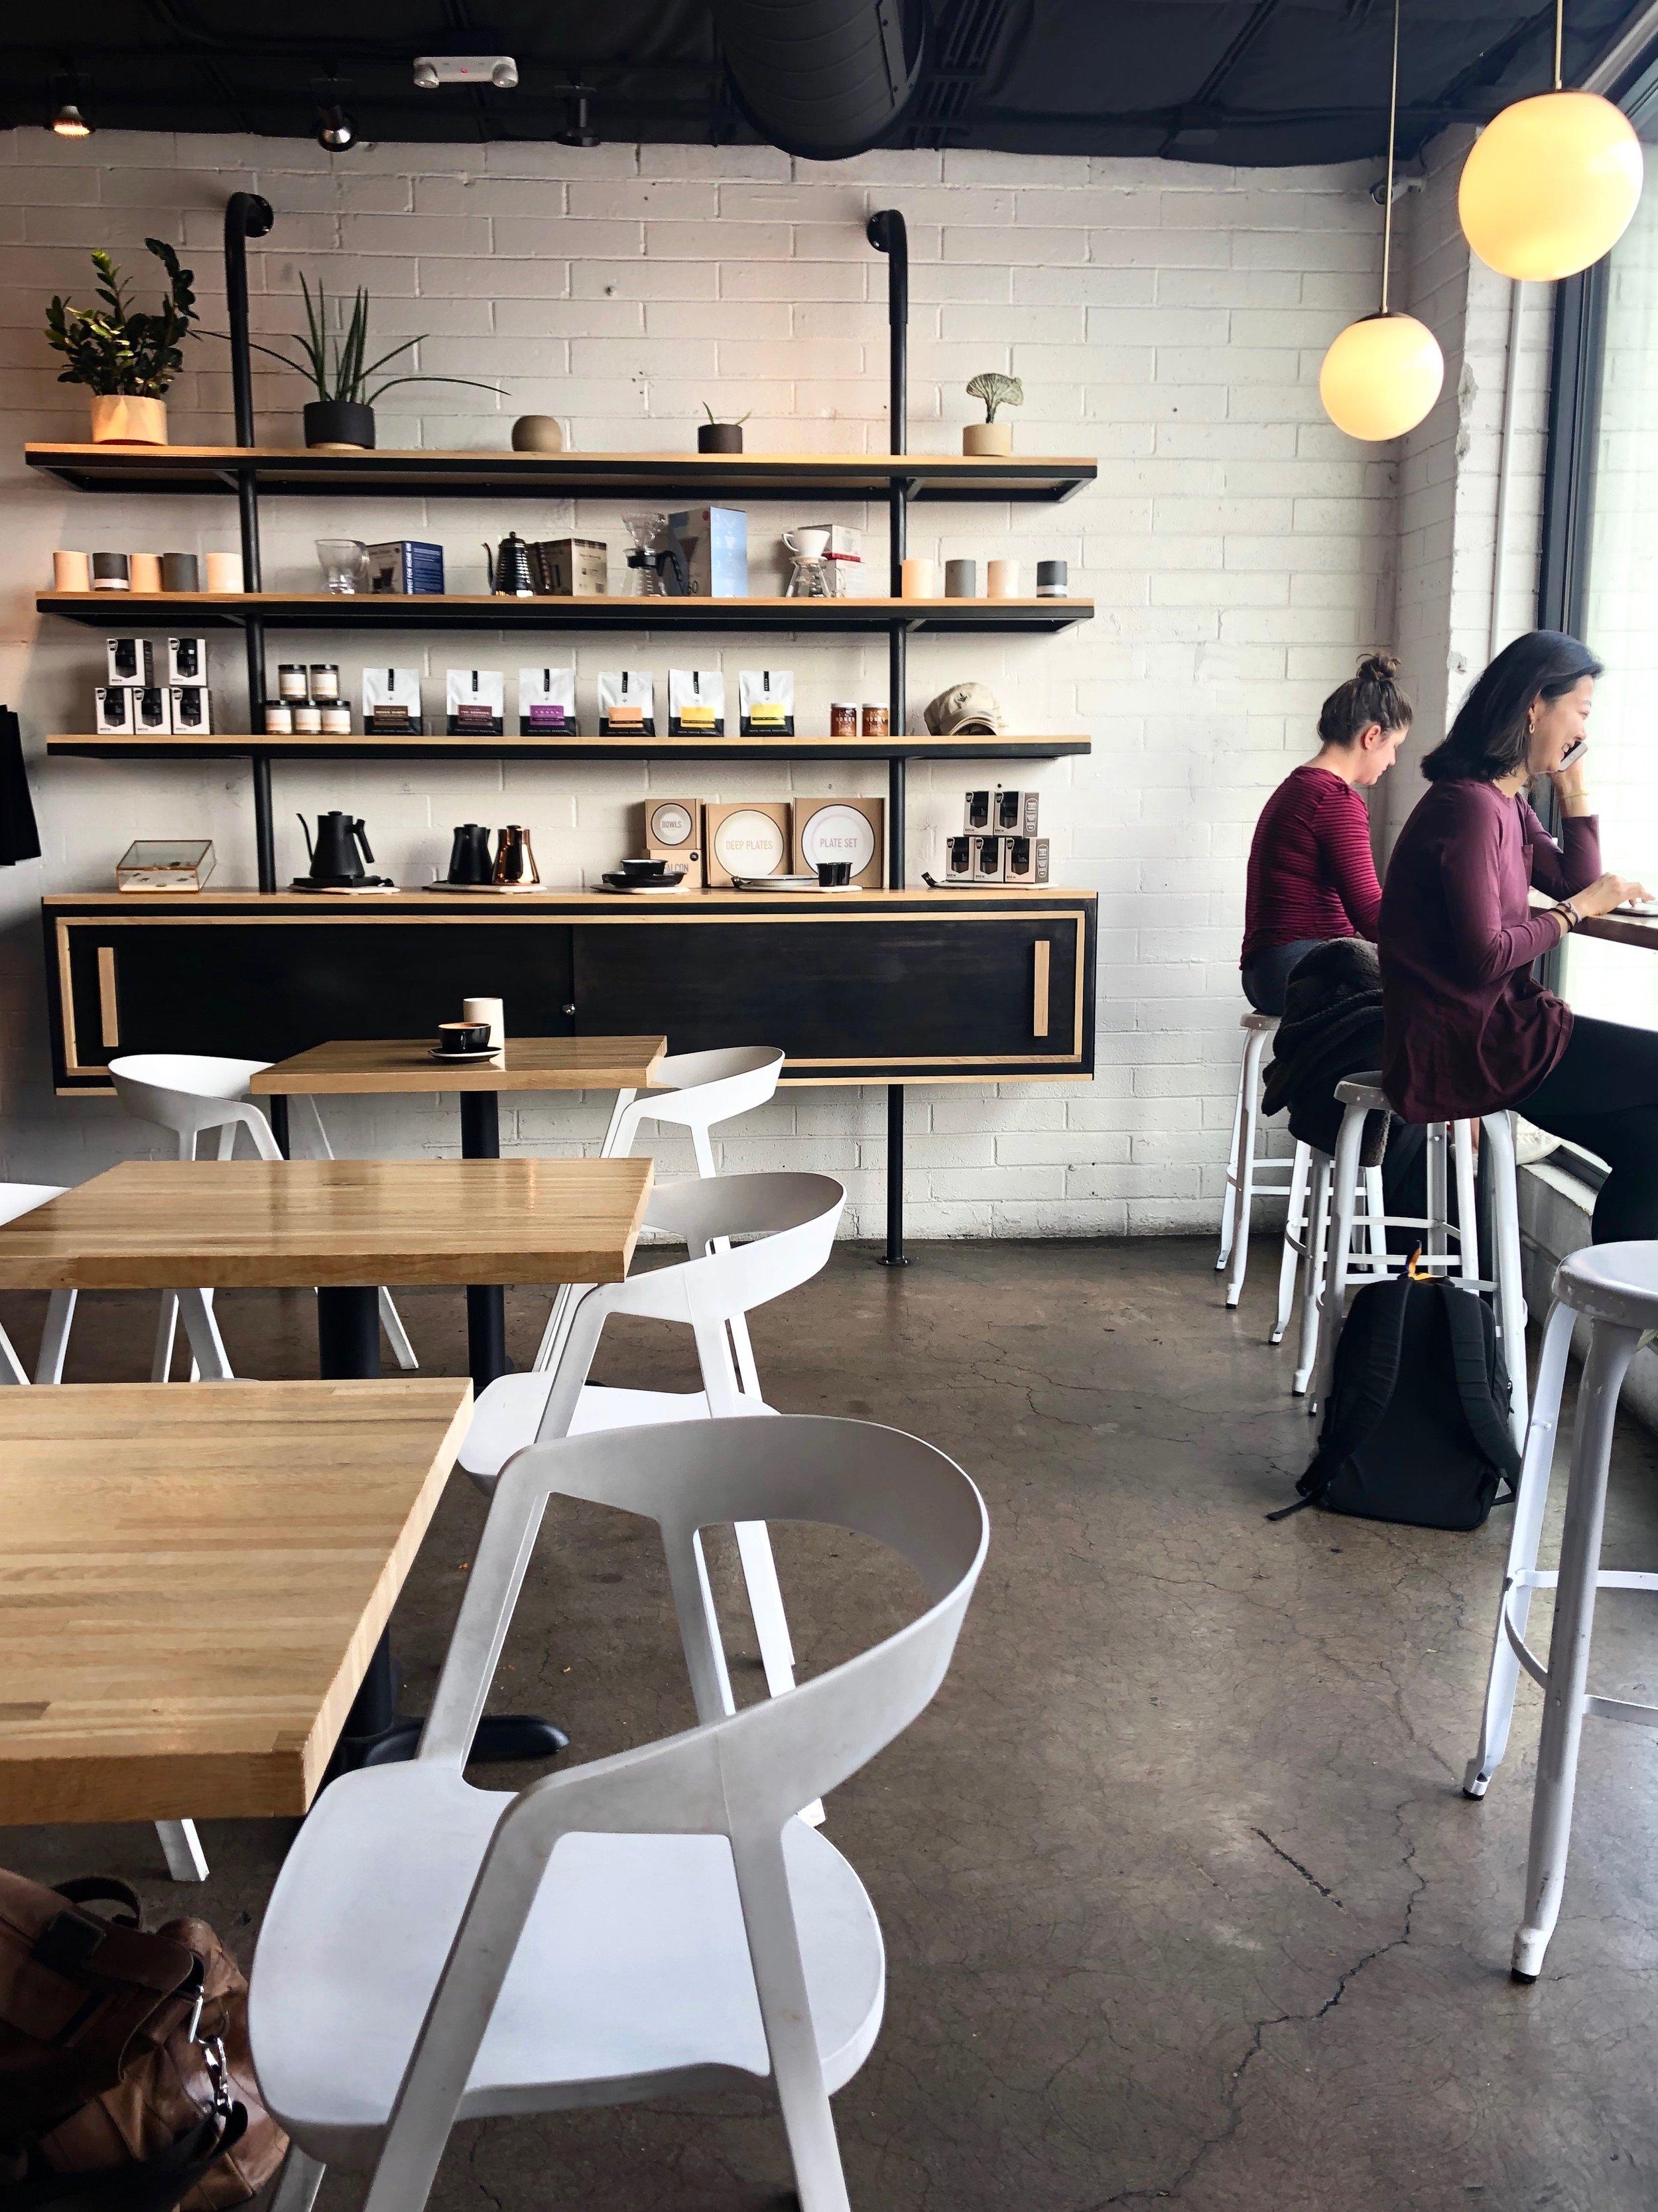 — VegasNv CoffeeLas Hunch Coffee Vesta 8n0wOXPk